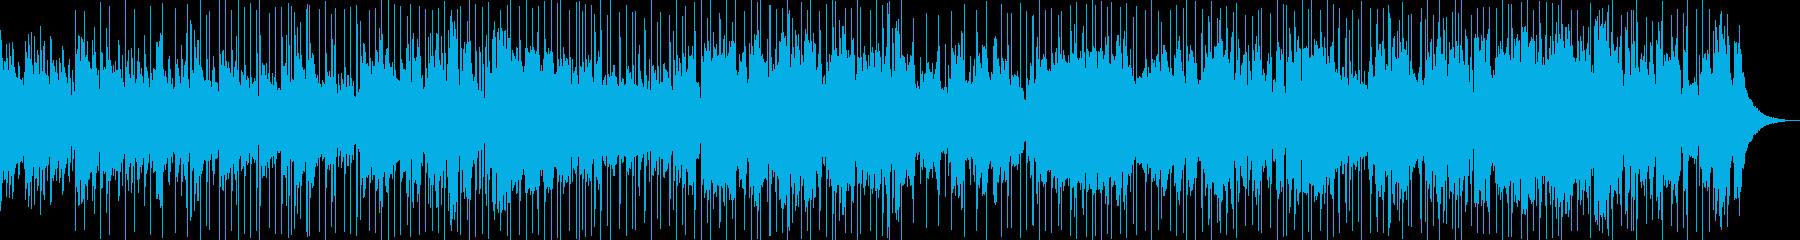 哀愁を感じさせるほのぼのバラード・ロックの再生済みの波形